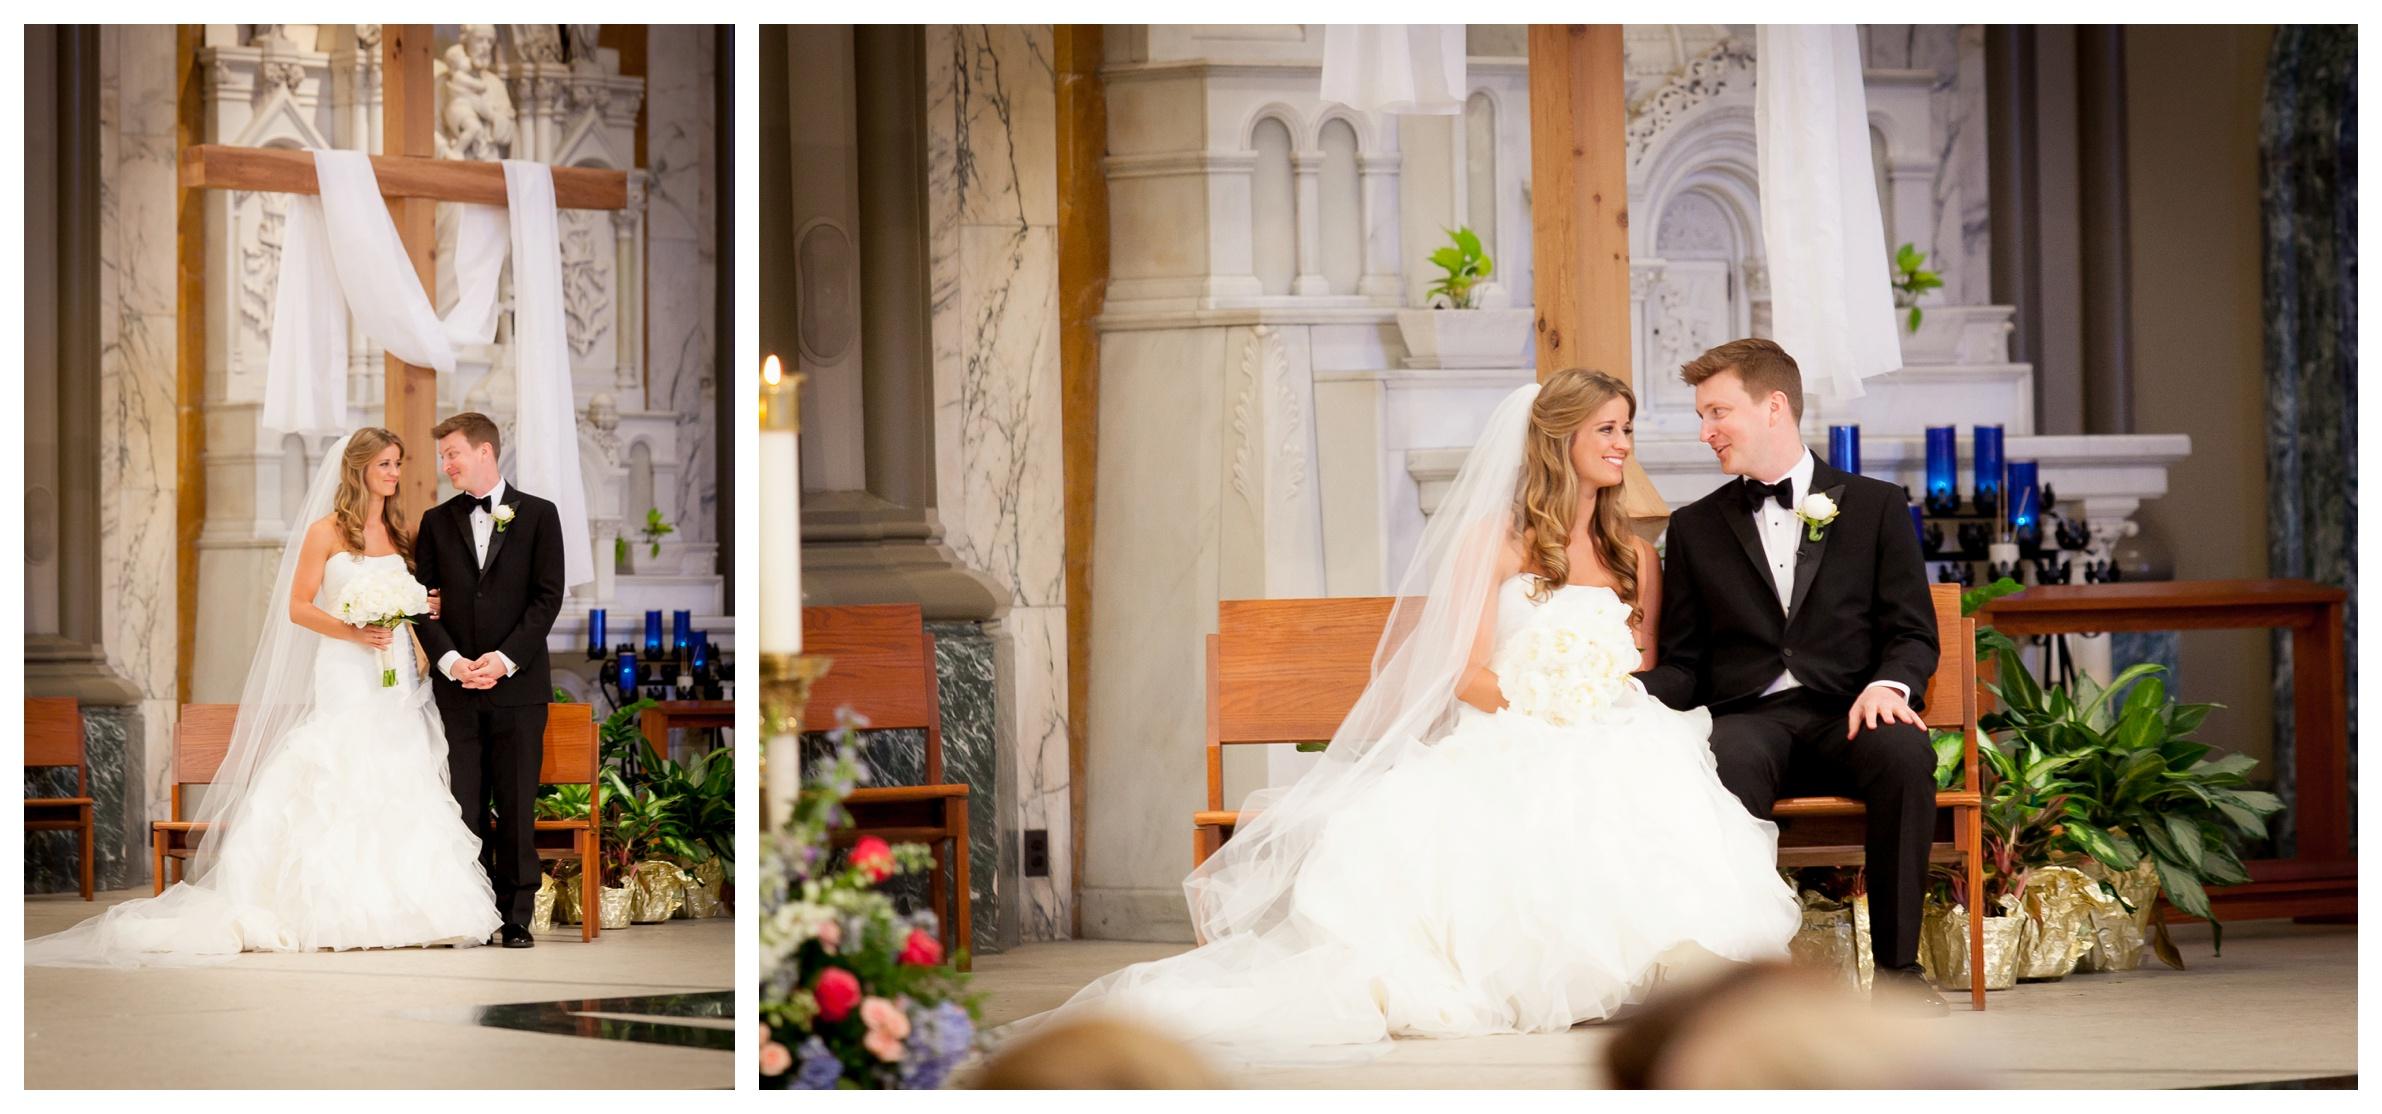 wedding-at-st-vincent-depaul-chicago